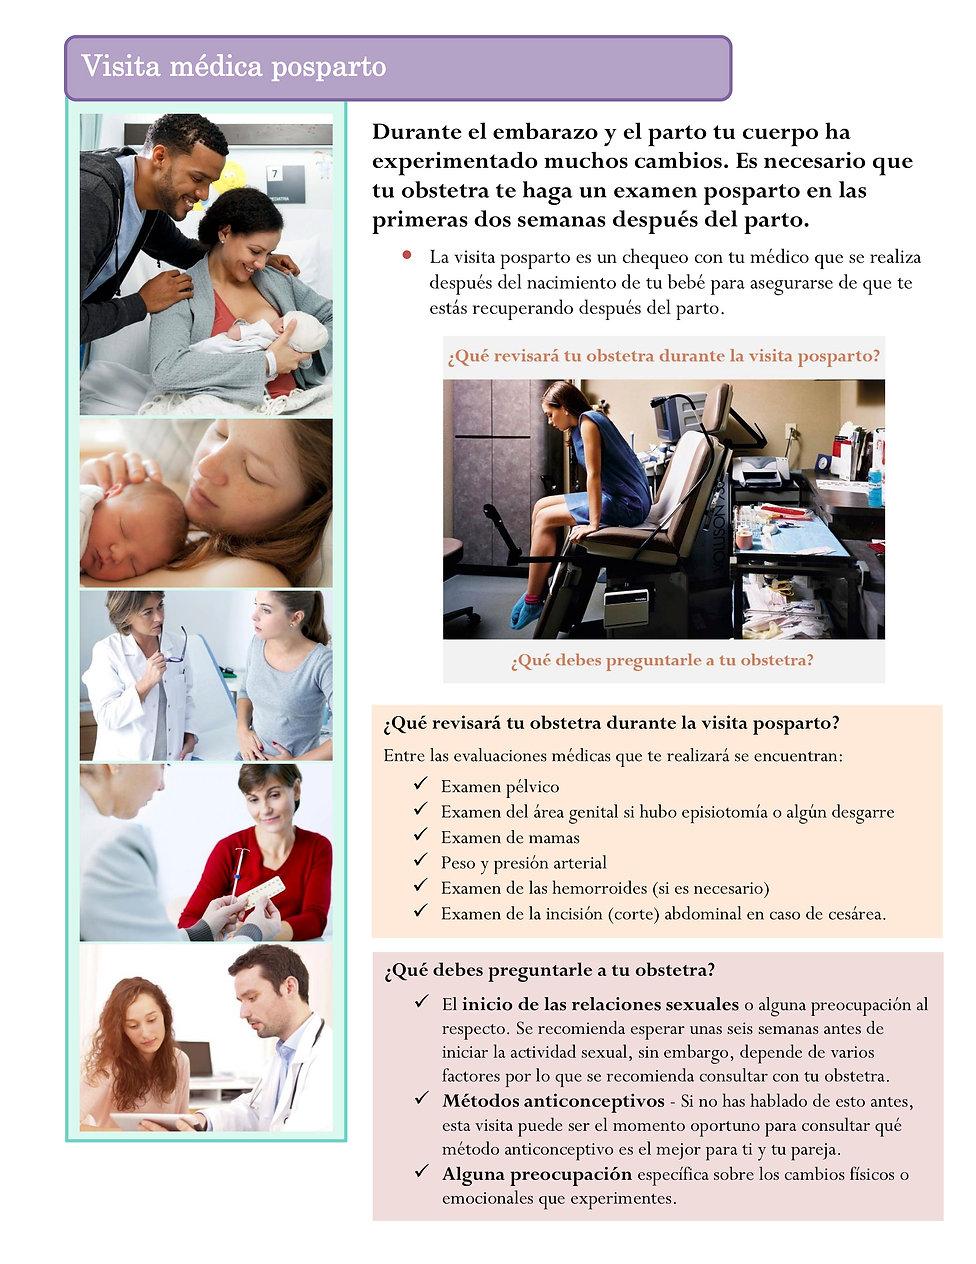 Visita_médica_posparto.jpg